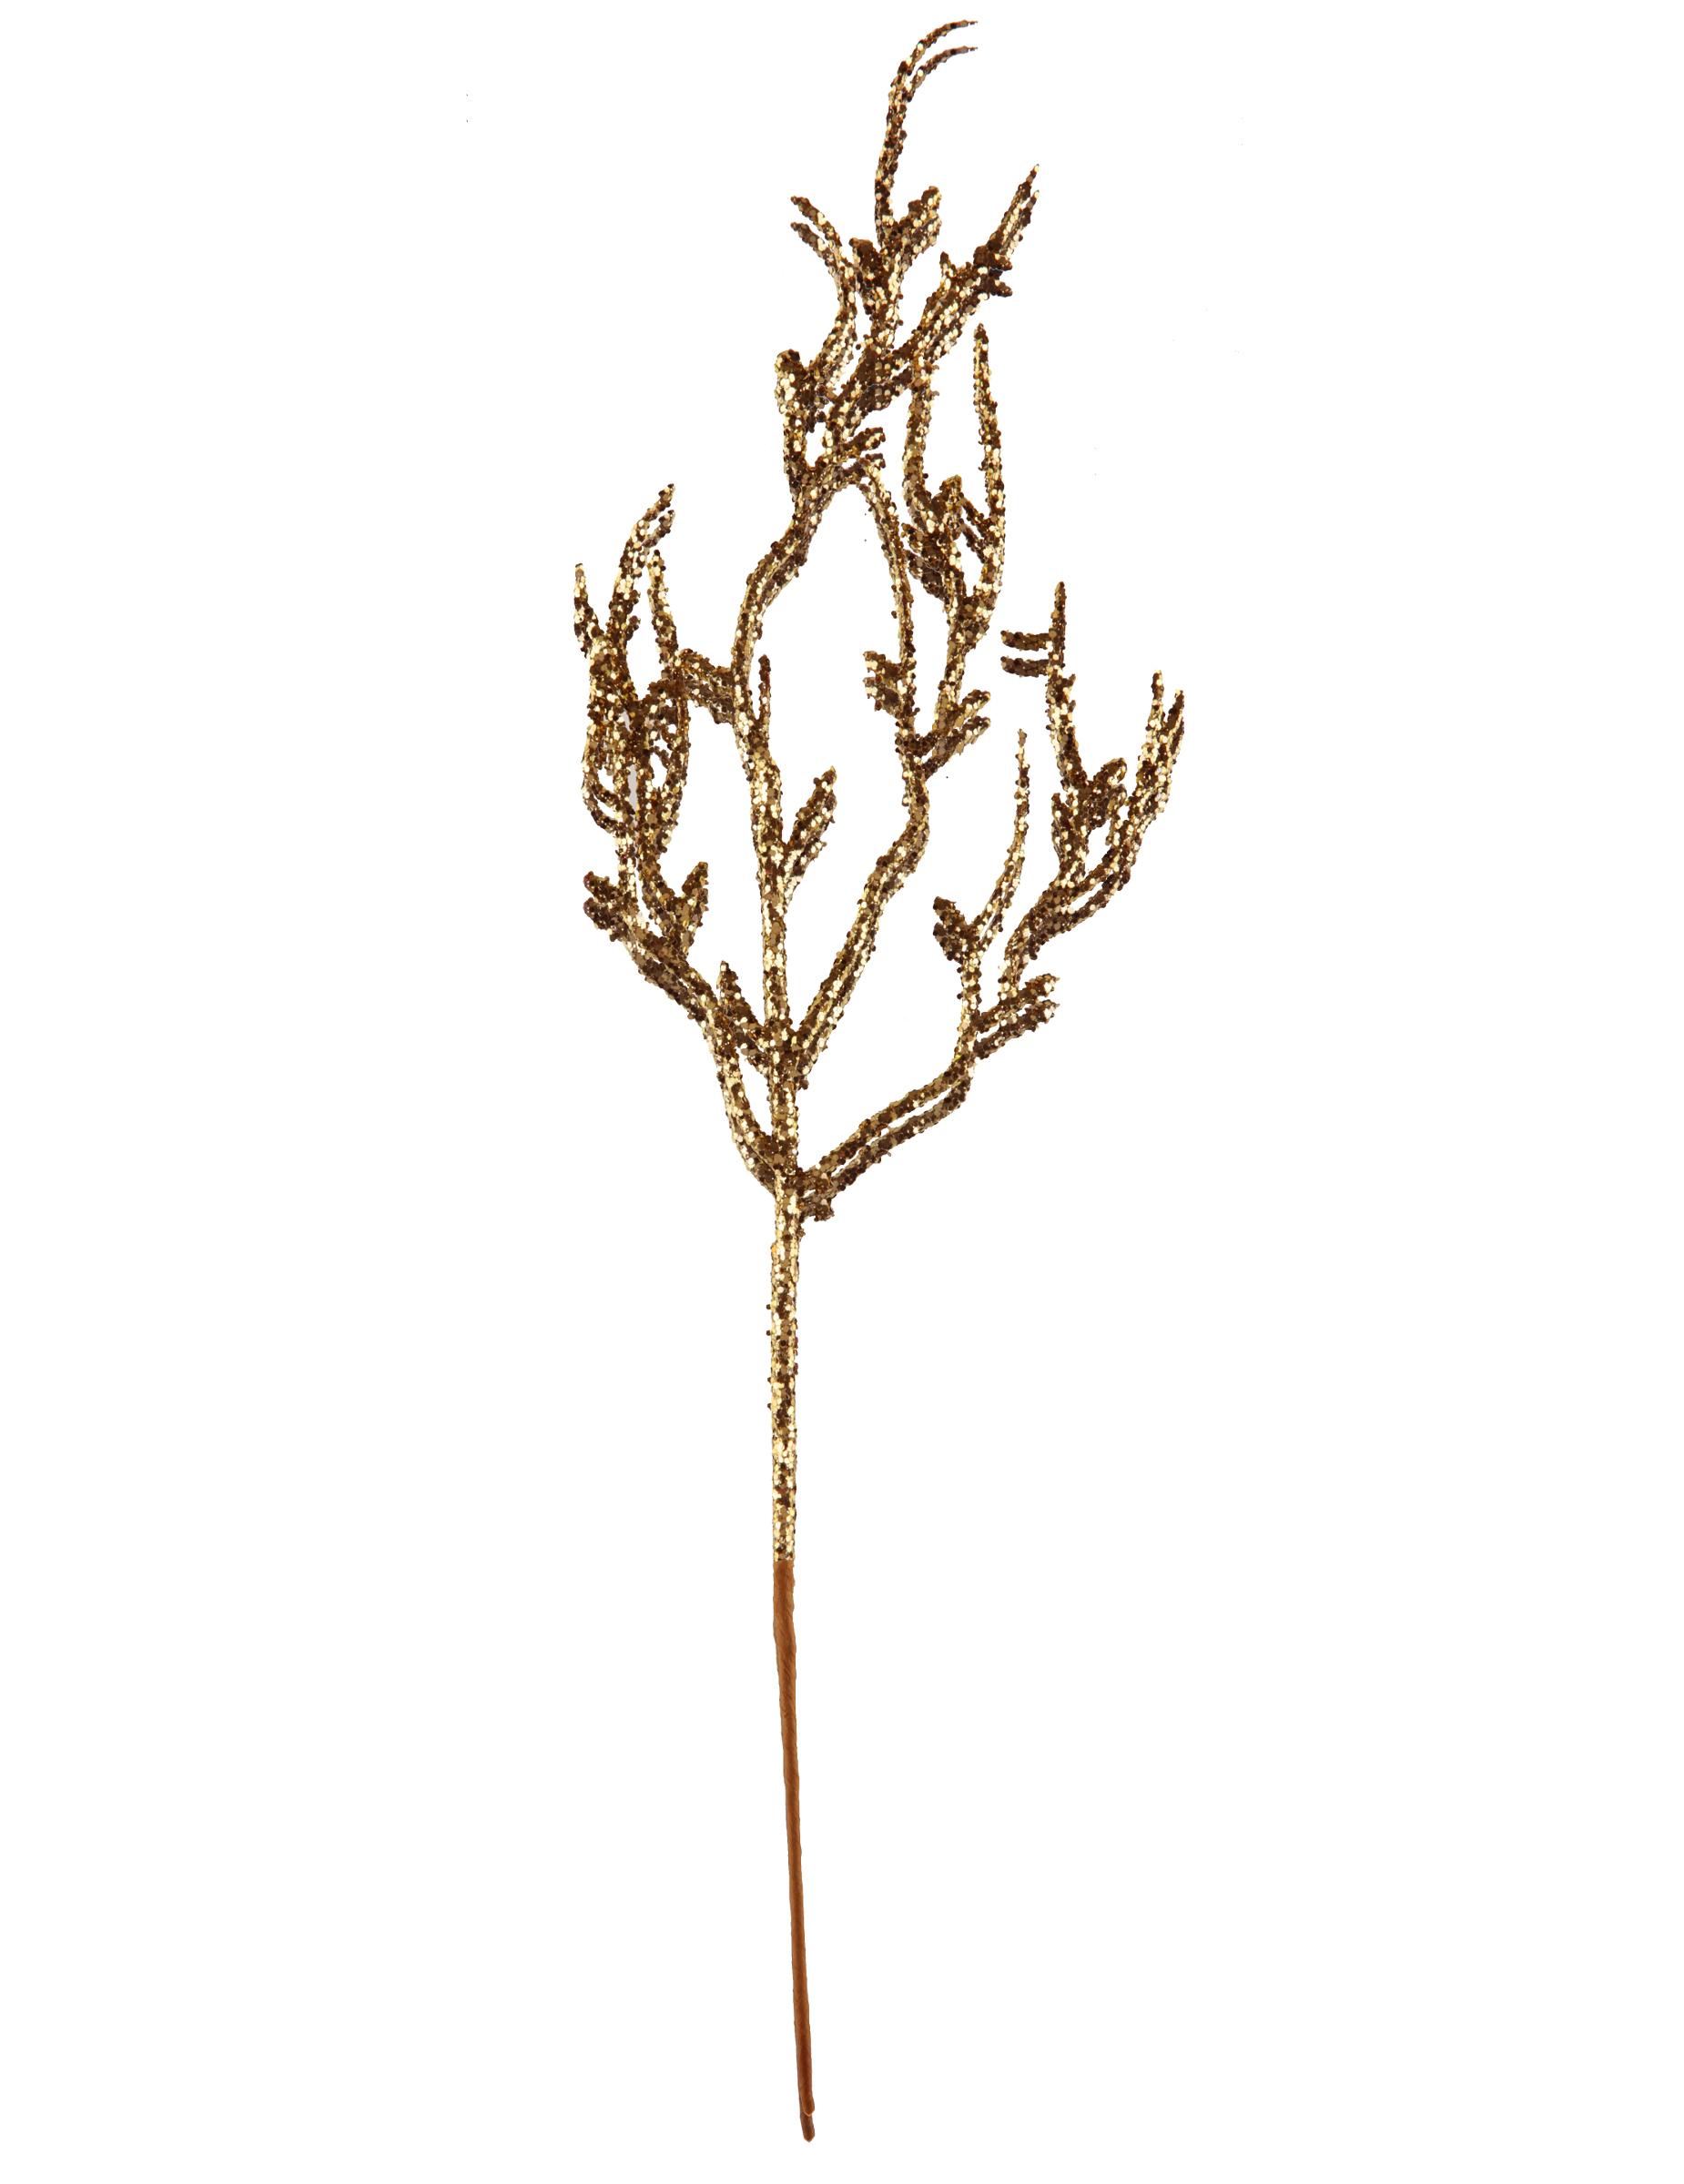 deko ast mit pailletten weihnachtliche tischdekoration gold 9 5x35cm partydeko und g nstige. Black Bedroom Furniture Sets. Home Design Ideas